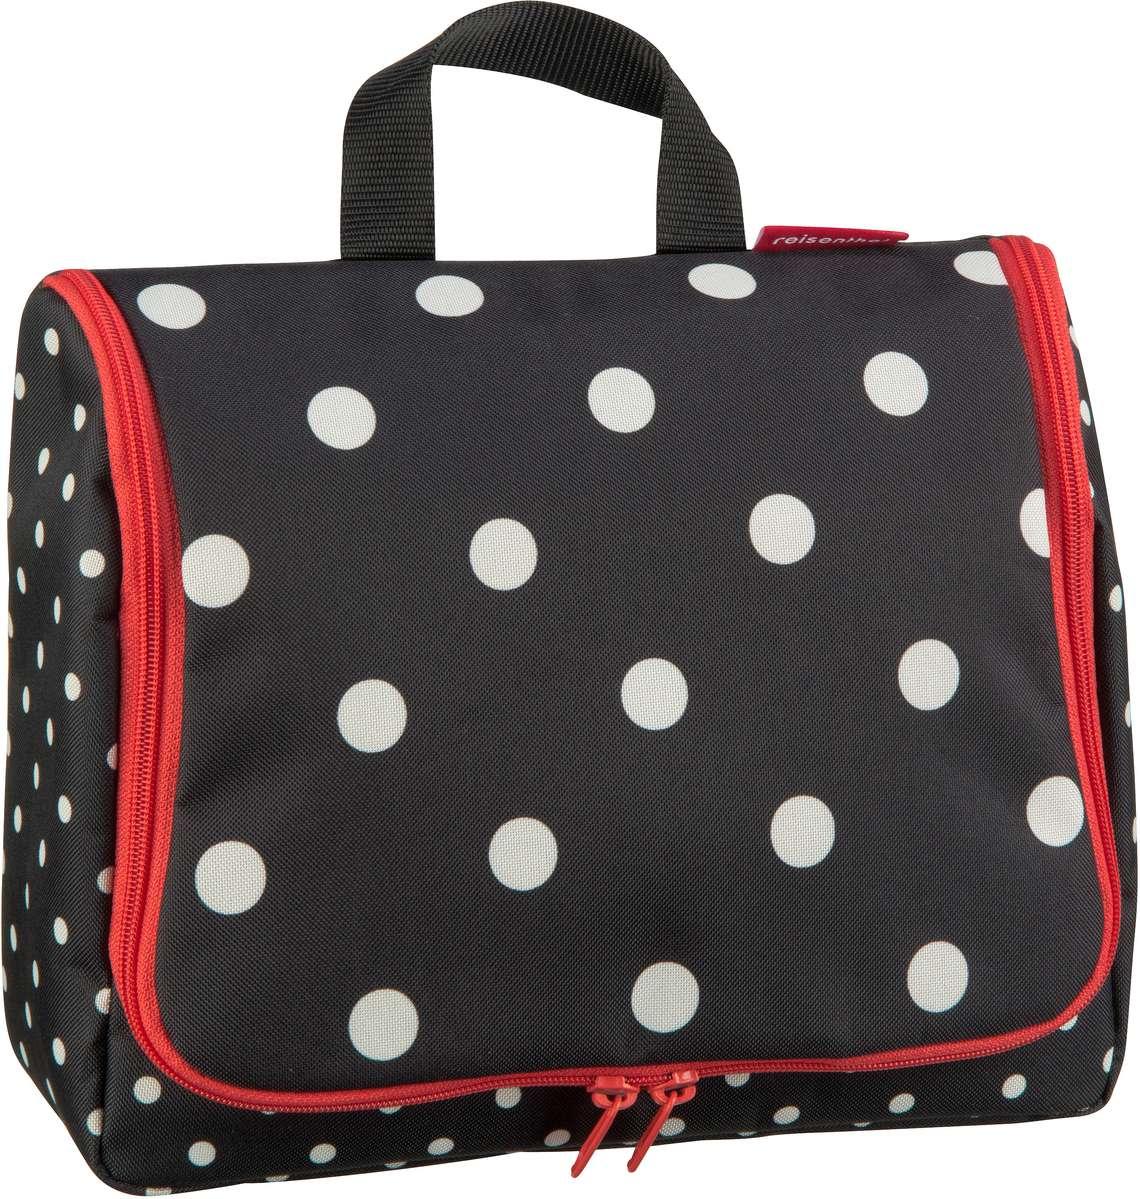 Reisegepaeck für Frauen - reisenthel Kulturbeutel Beauty Case toiletbag XL Mixed Dots (4 Liter)  - Onlineshop Taschenkaufhaus